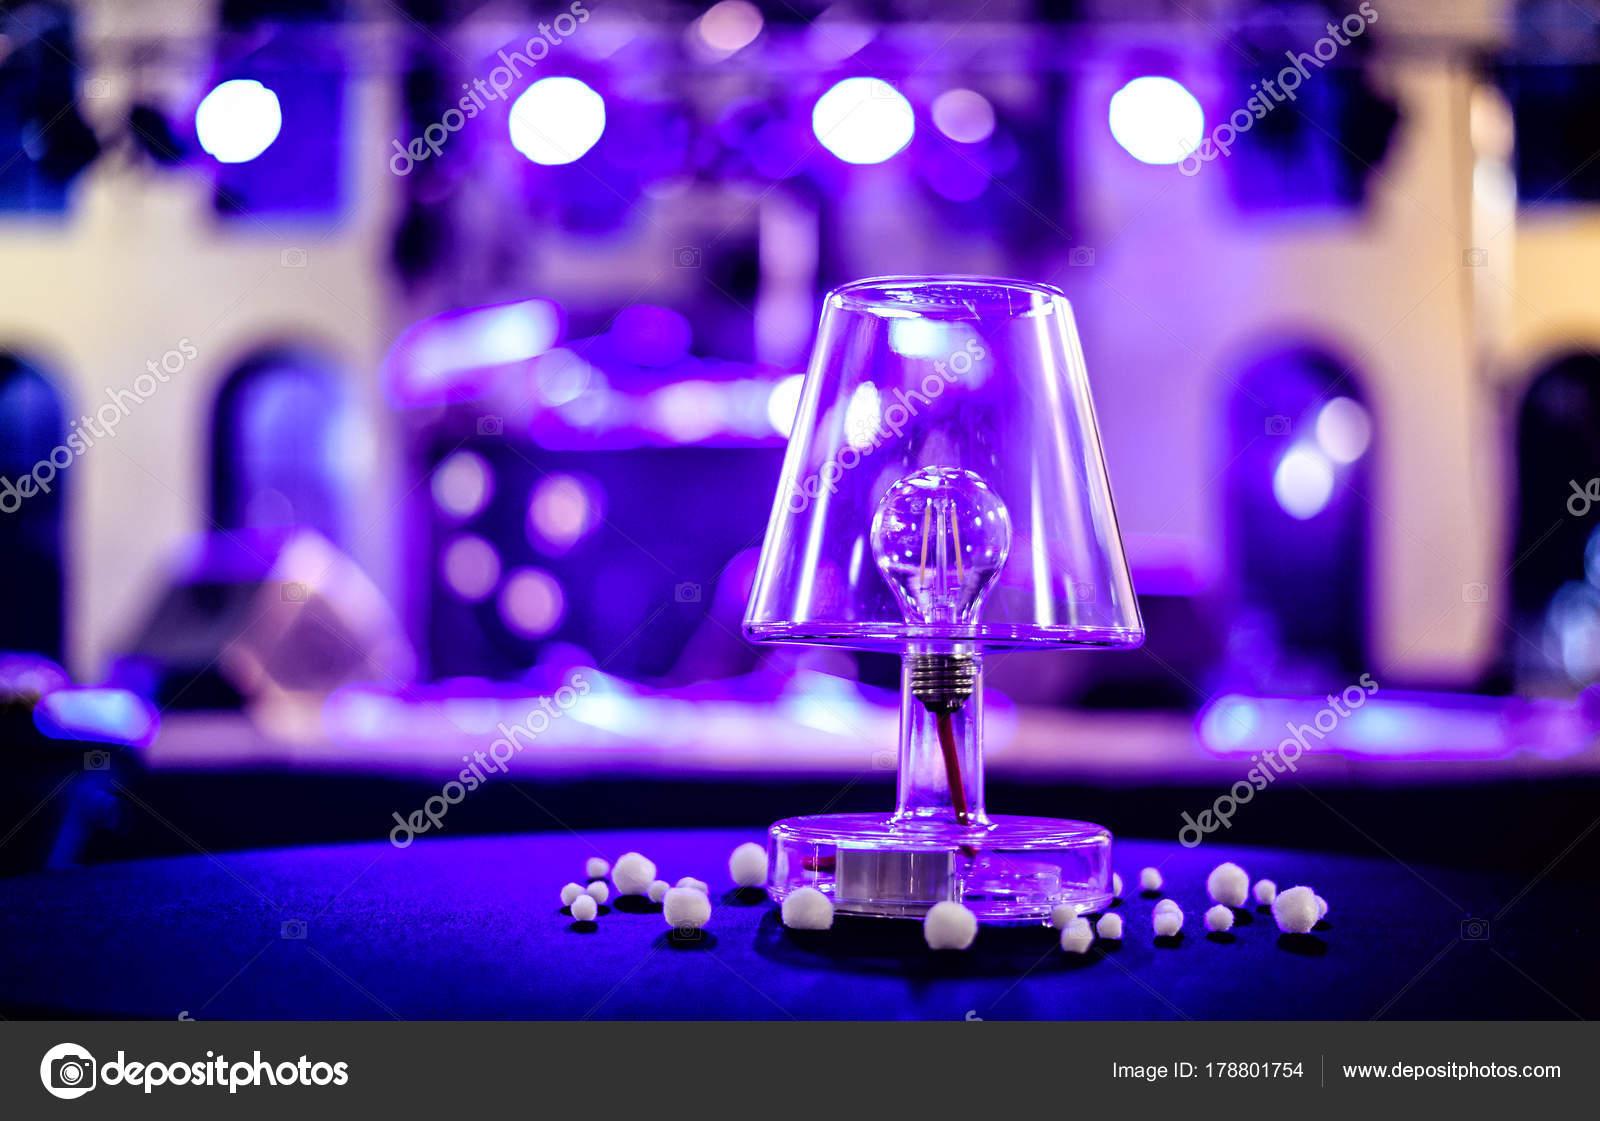 Lampada Scrivania Viola : Lampade con lampadina led sulla scrivania u2014 foto stock © blazinek28